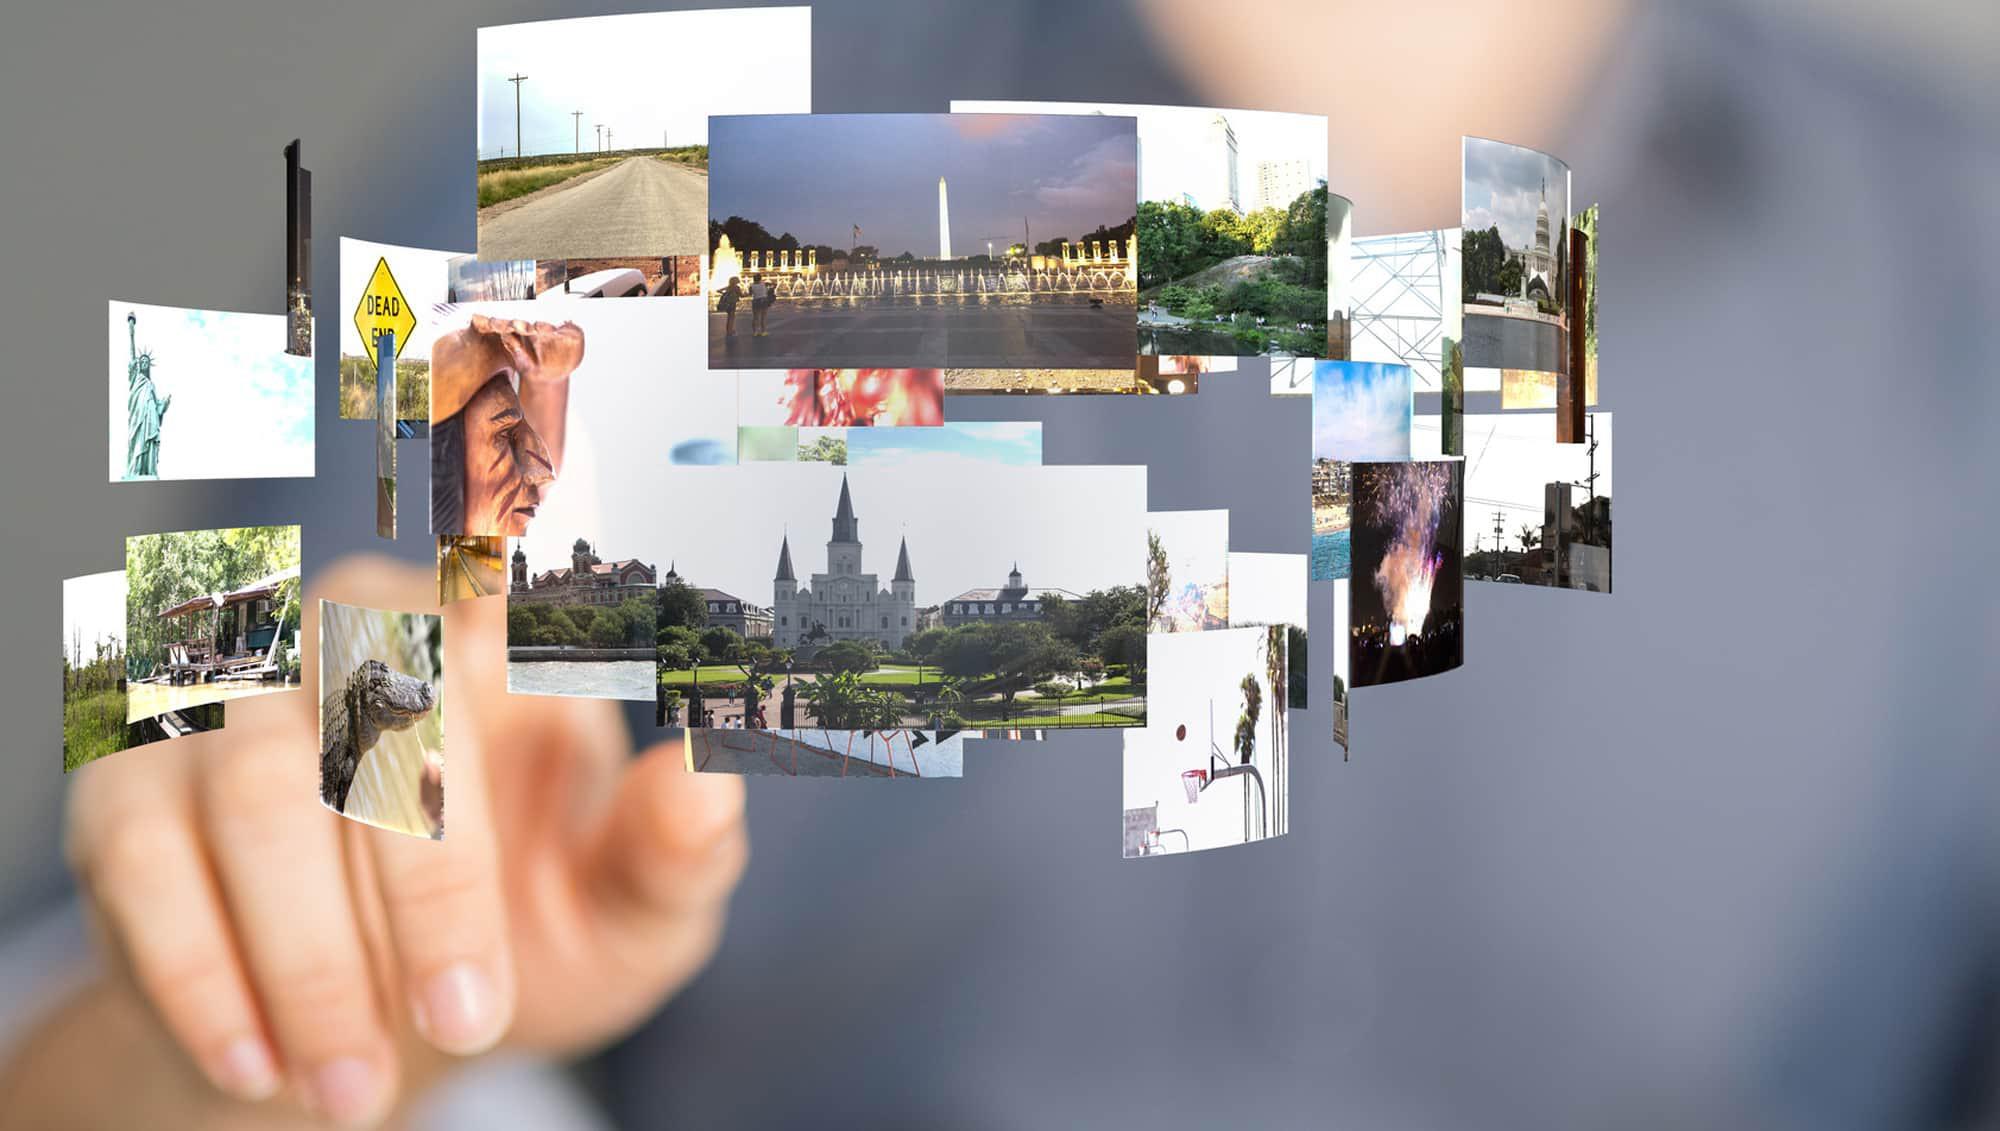 Giới trẻ với du lịch công nghệ - Ảnh 1.